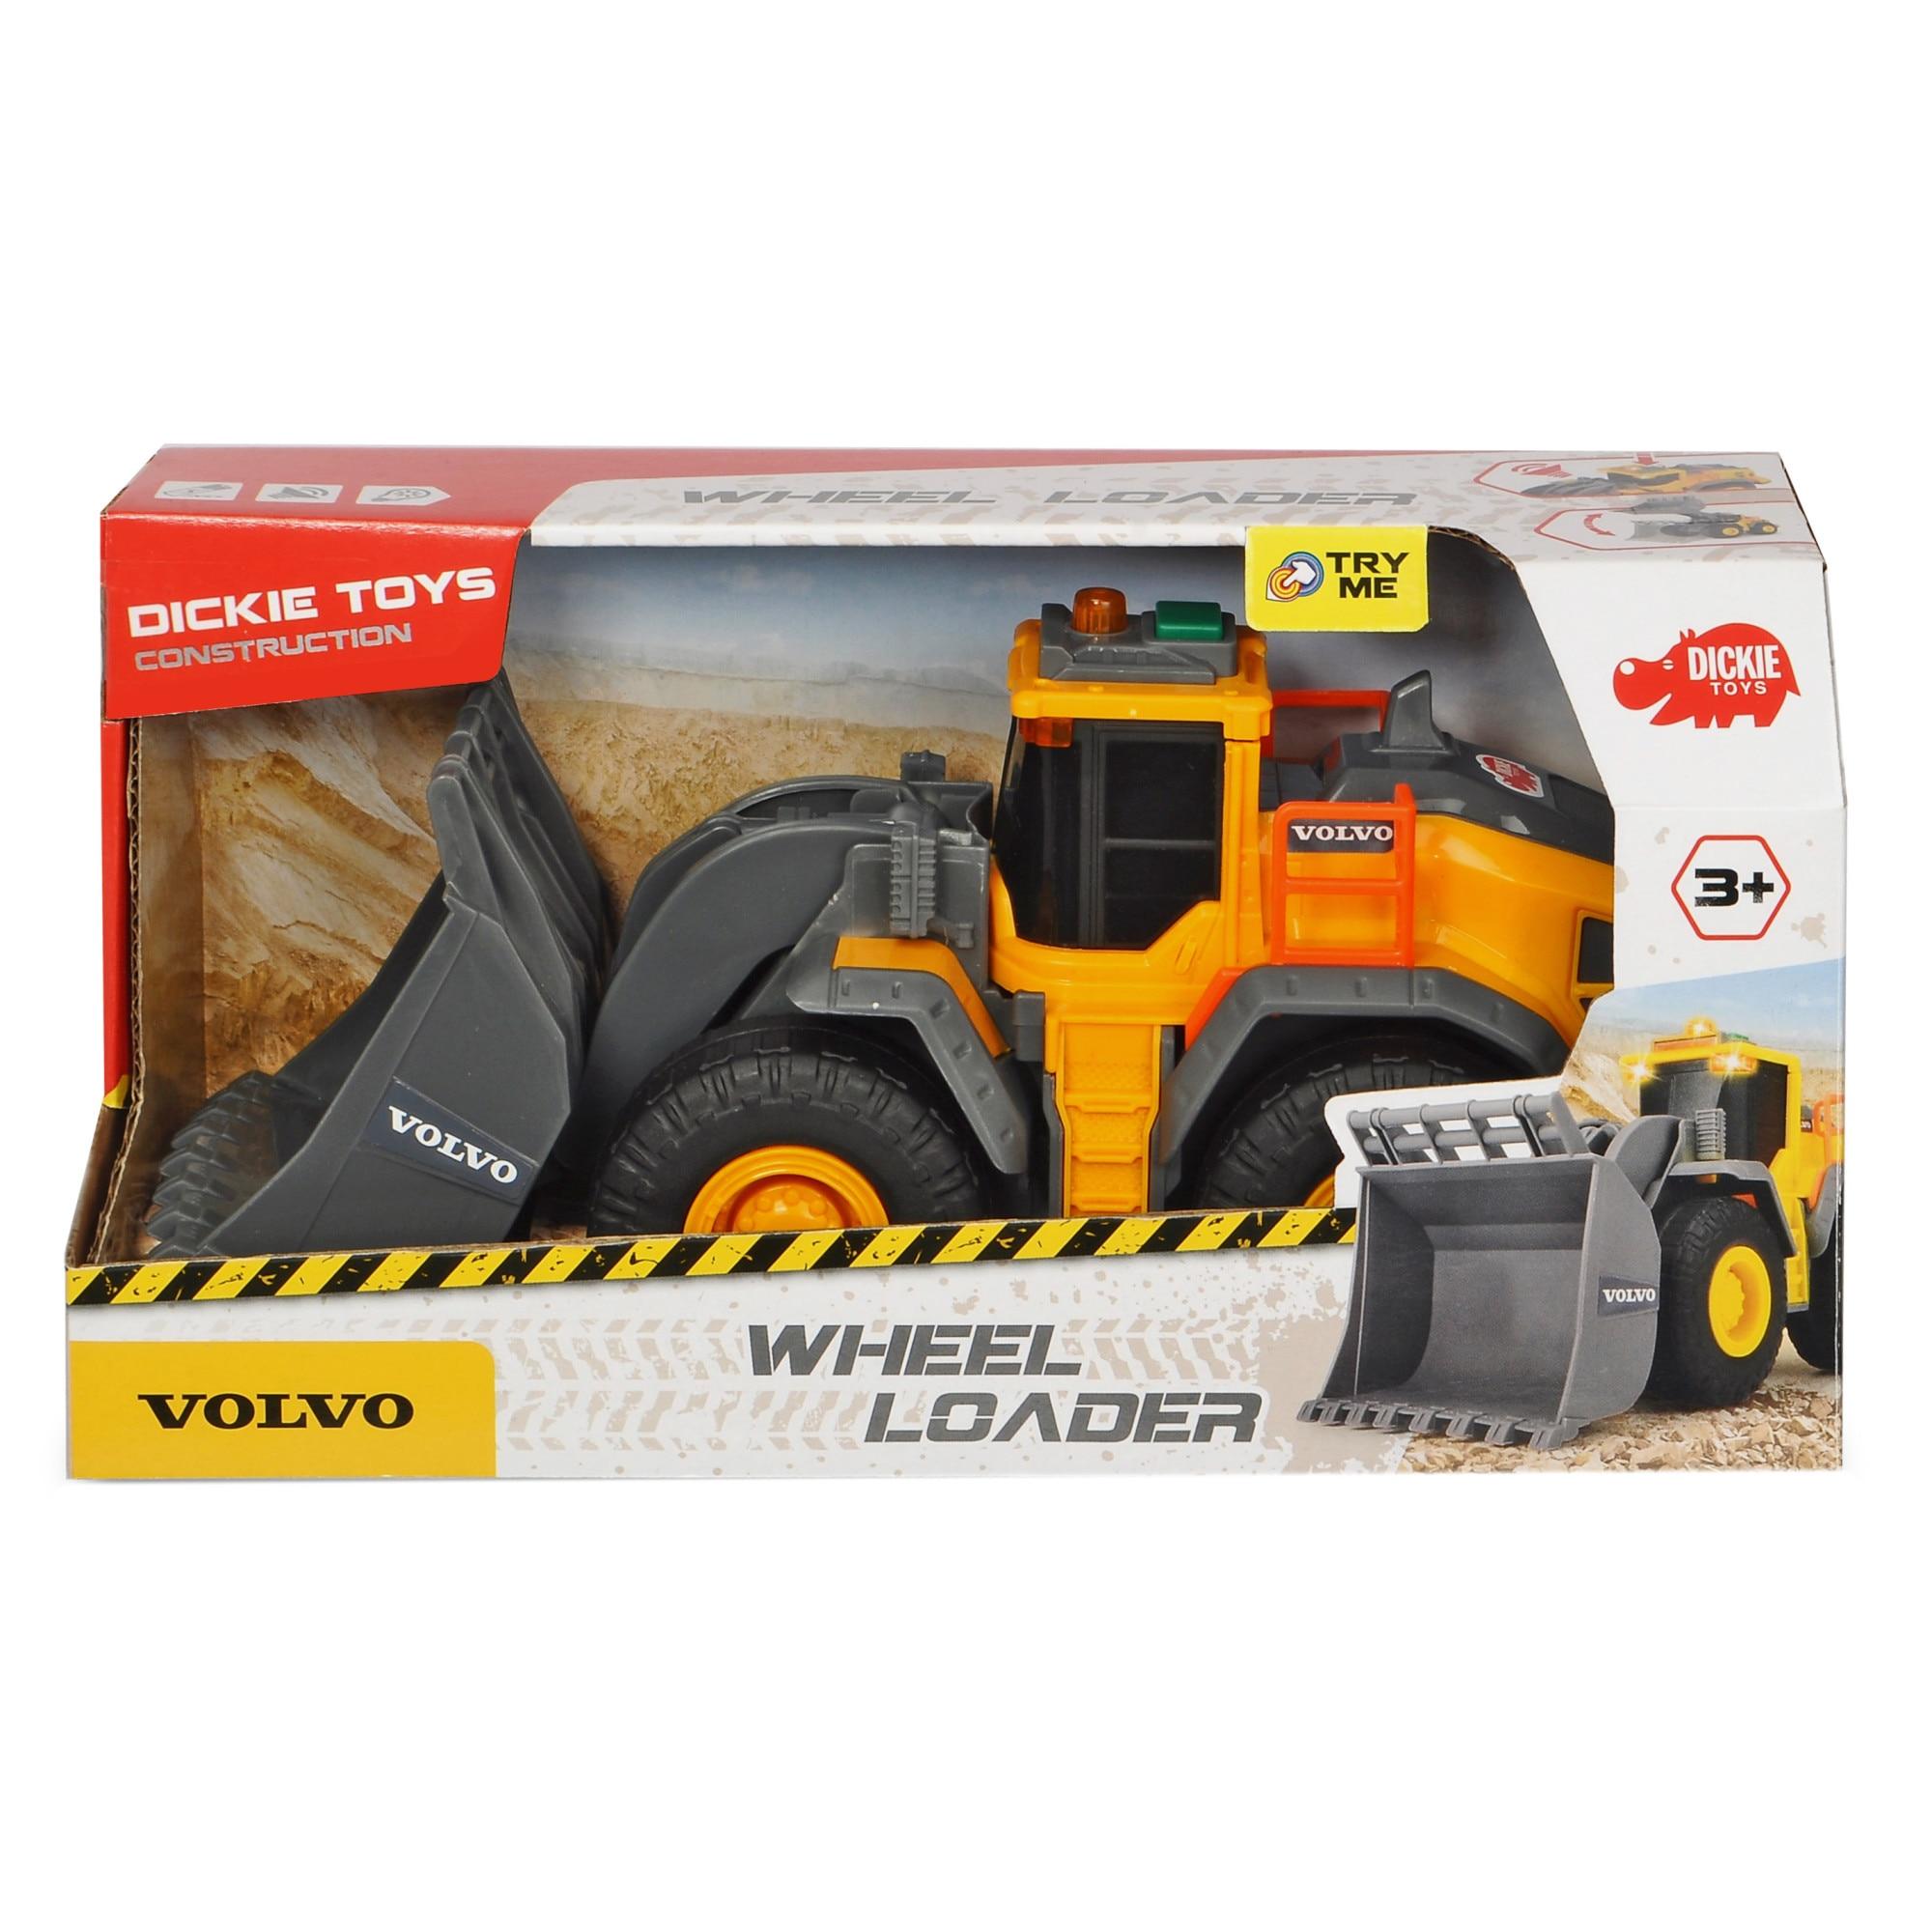 Fotografie Buldozer Dickie Toys, Volvo Wheel Loader, 23 cm